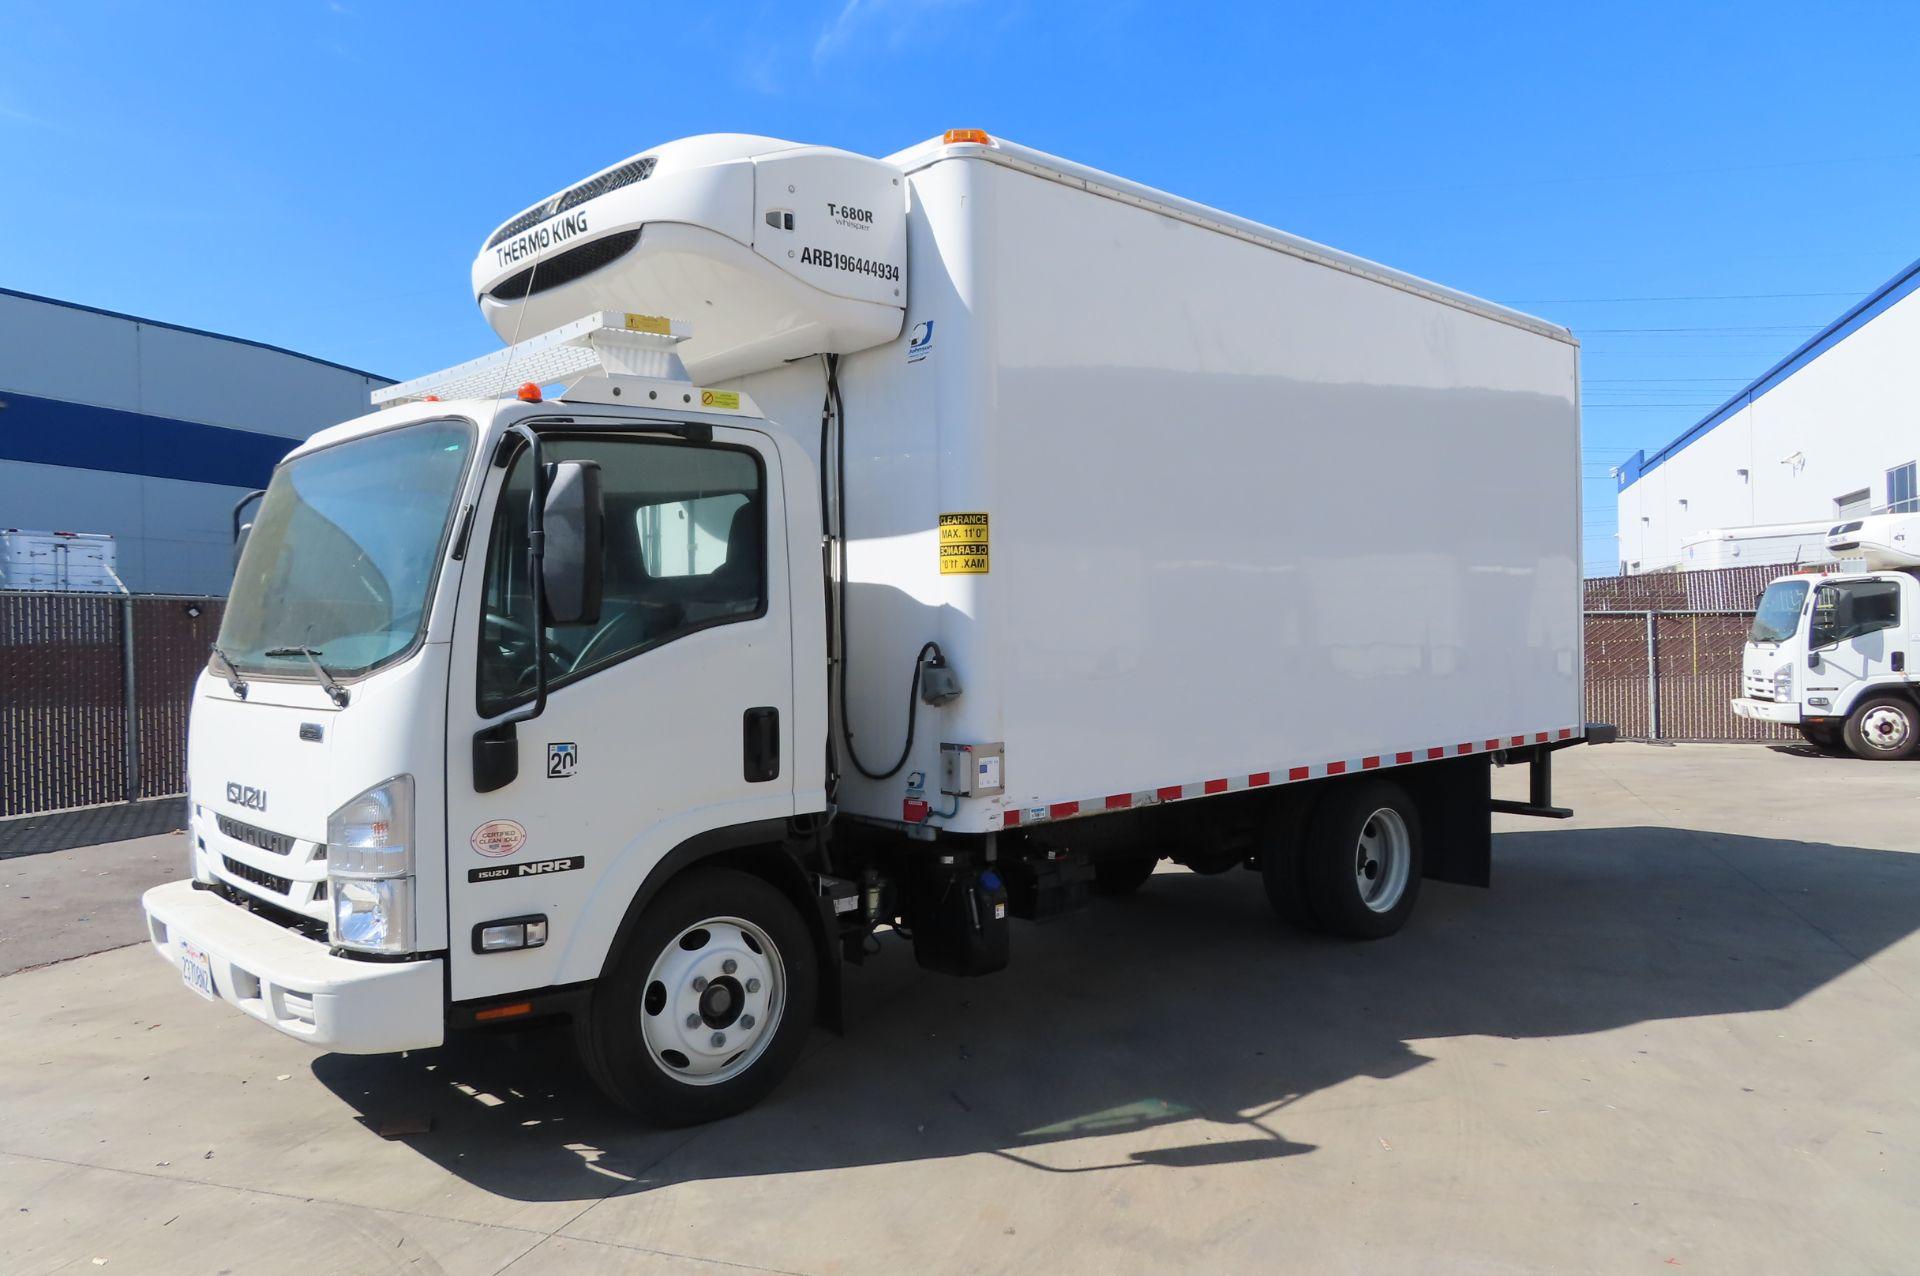 2019 Isuzu refrigerated truck - Image 2 of 6